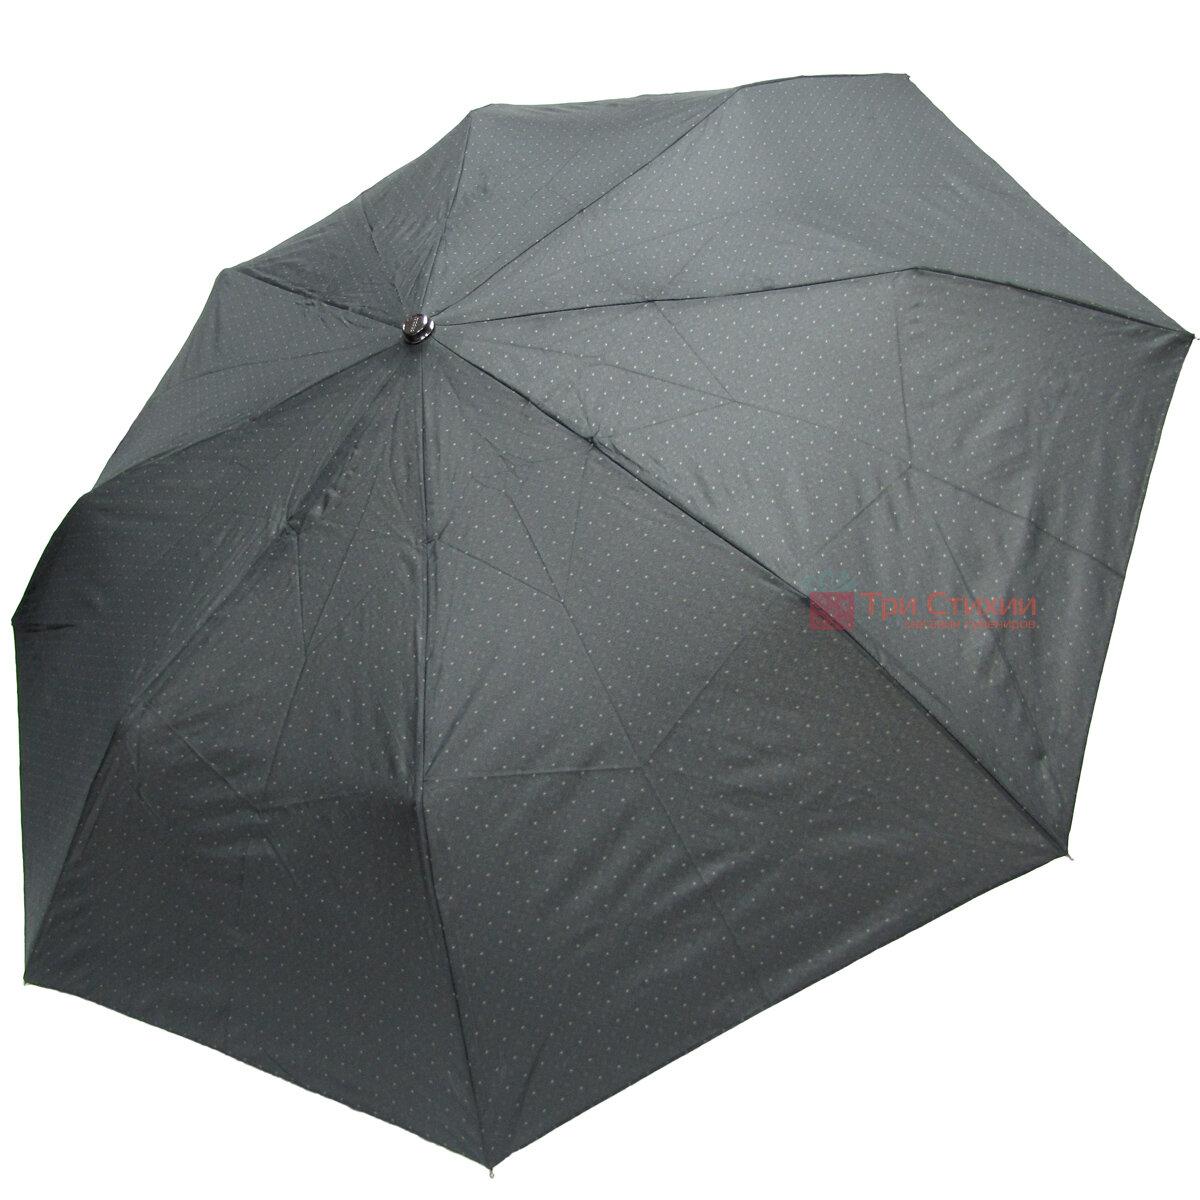 Зонт складной Doppler 74667G-1 полный автомат Ромбы, фото 2